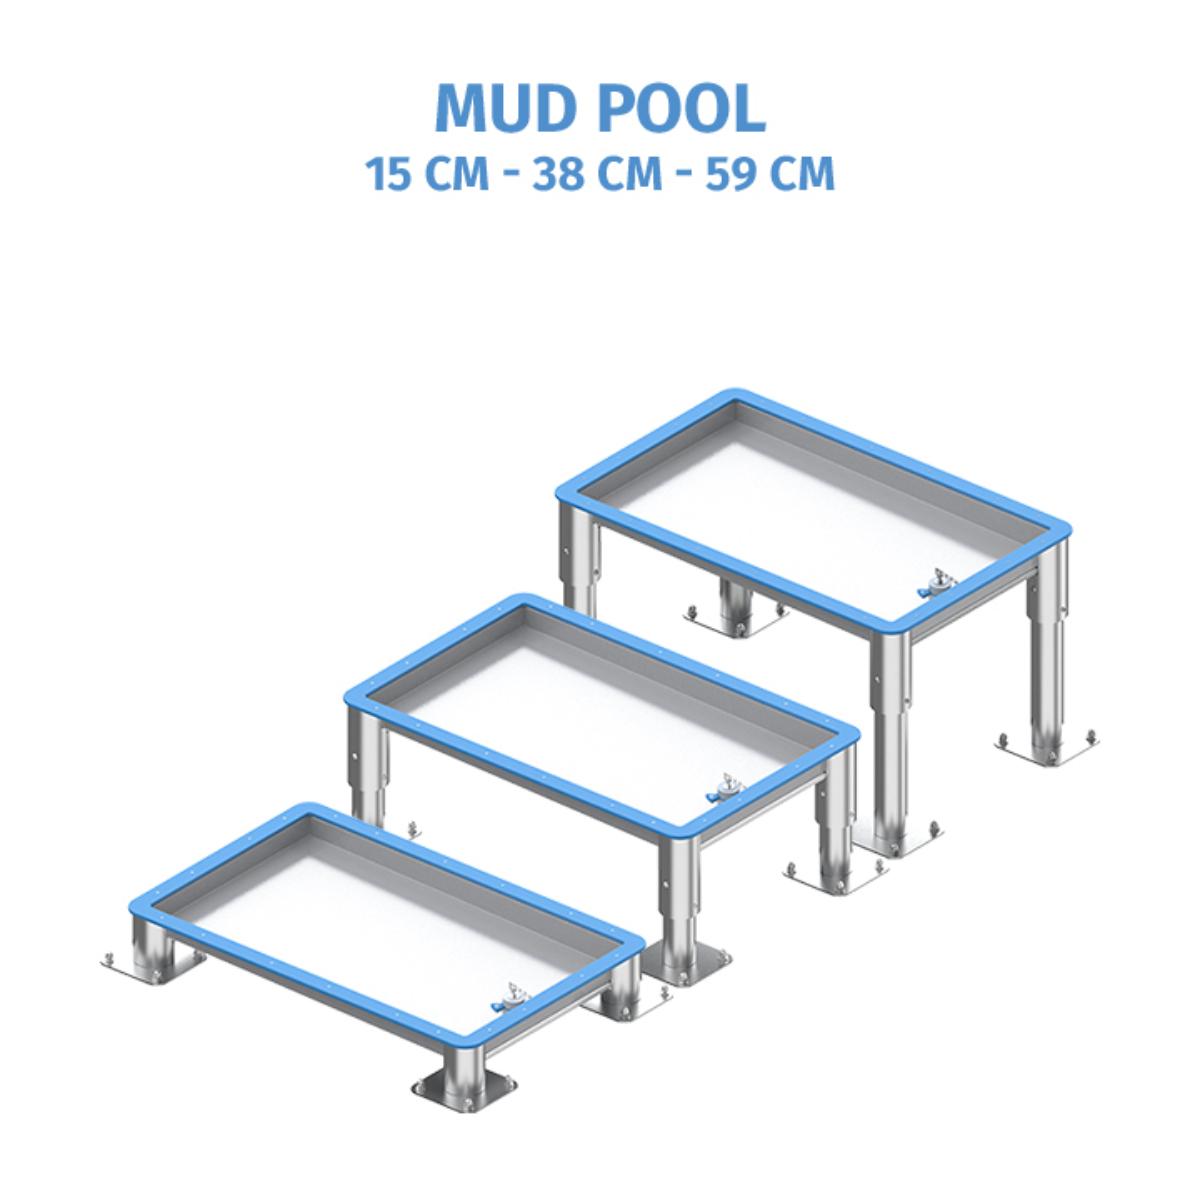 570 Mud Pool